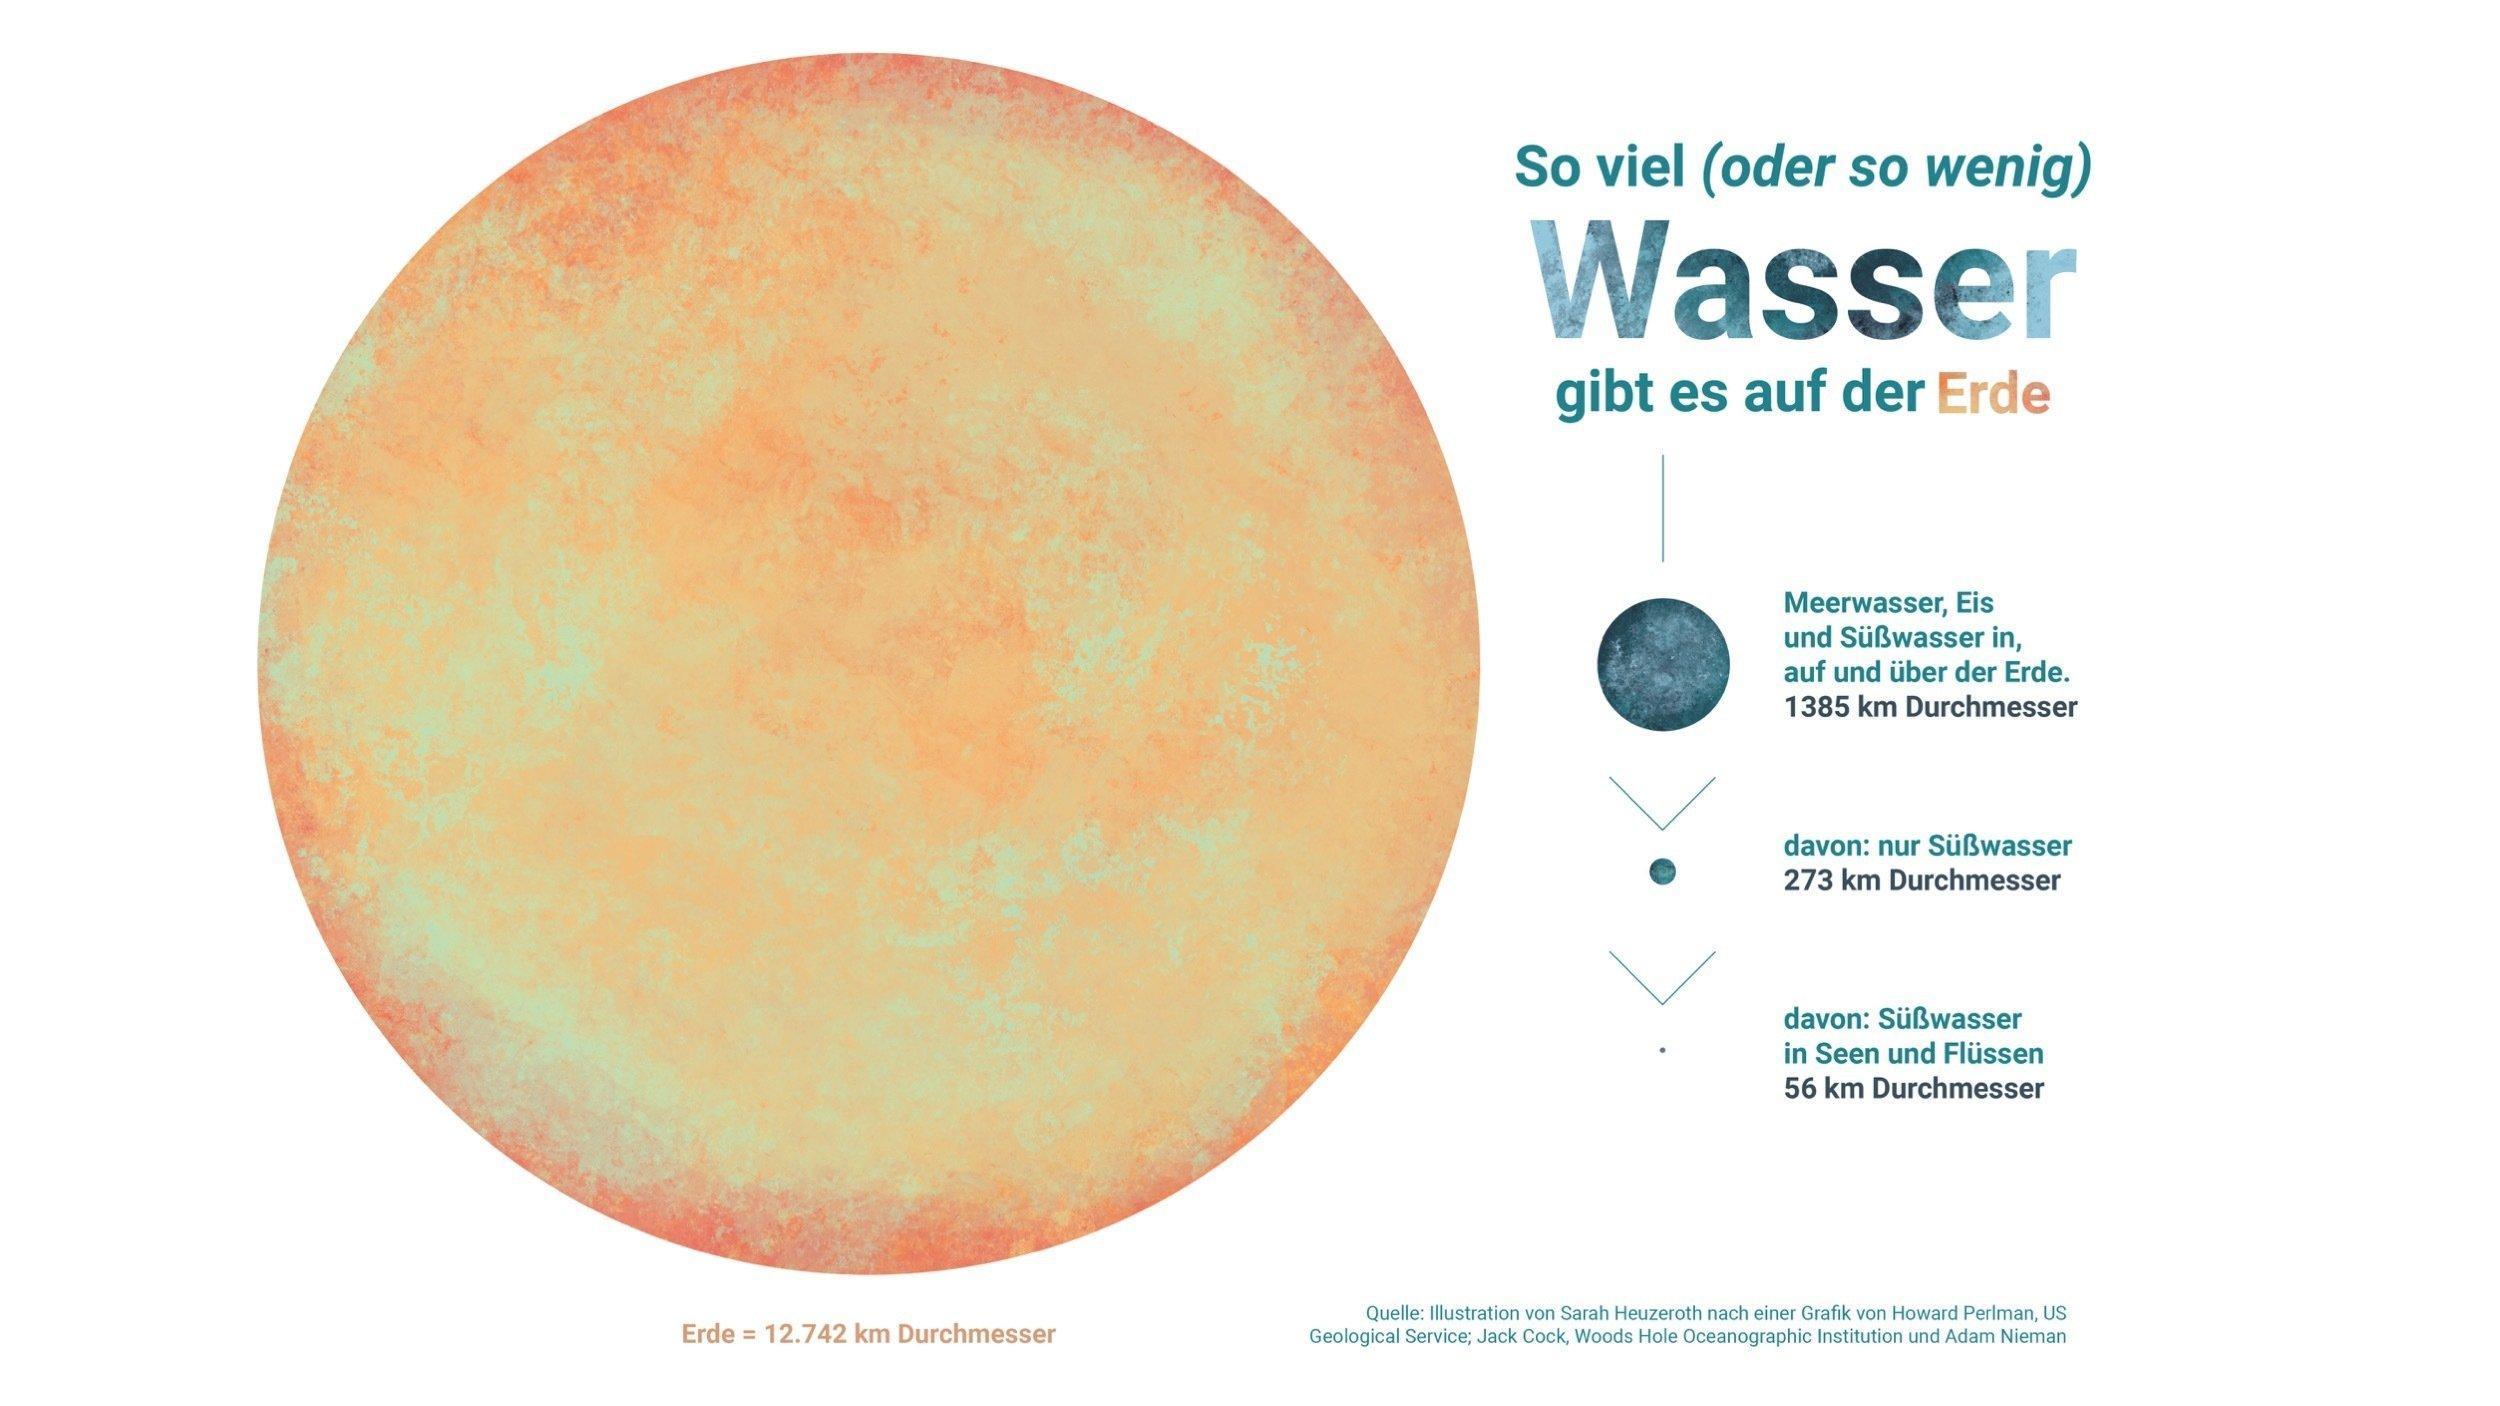 Die Graphik vergleicht das Gesamtvolumen der Erde mit dem Volumen der Wasservorräte. Die Erde hat einen Durchmesser von 12742Kilometern, alles Wasser Salz- und Süßwasser 1385Kilometer, nur das Südßwasser 273Kilometer, und nur das Wasser aus Flüssen und Seen 56Kilometer.